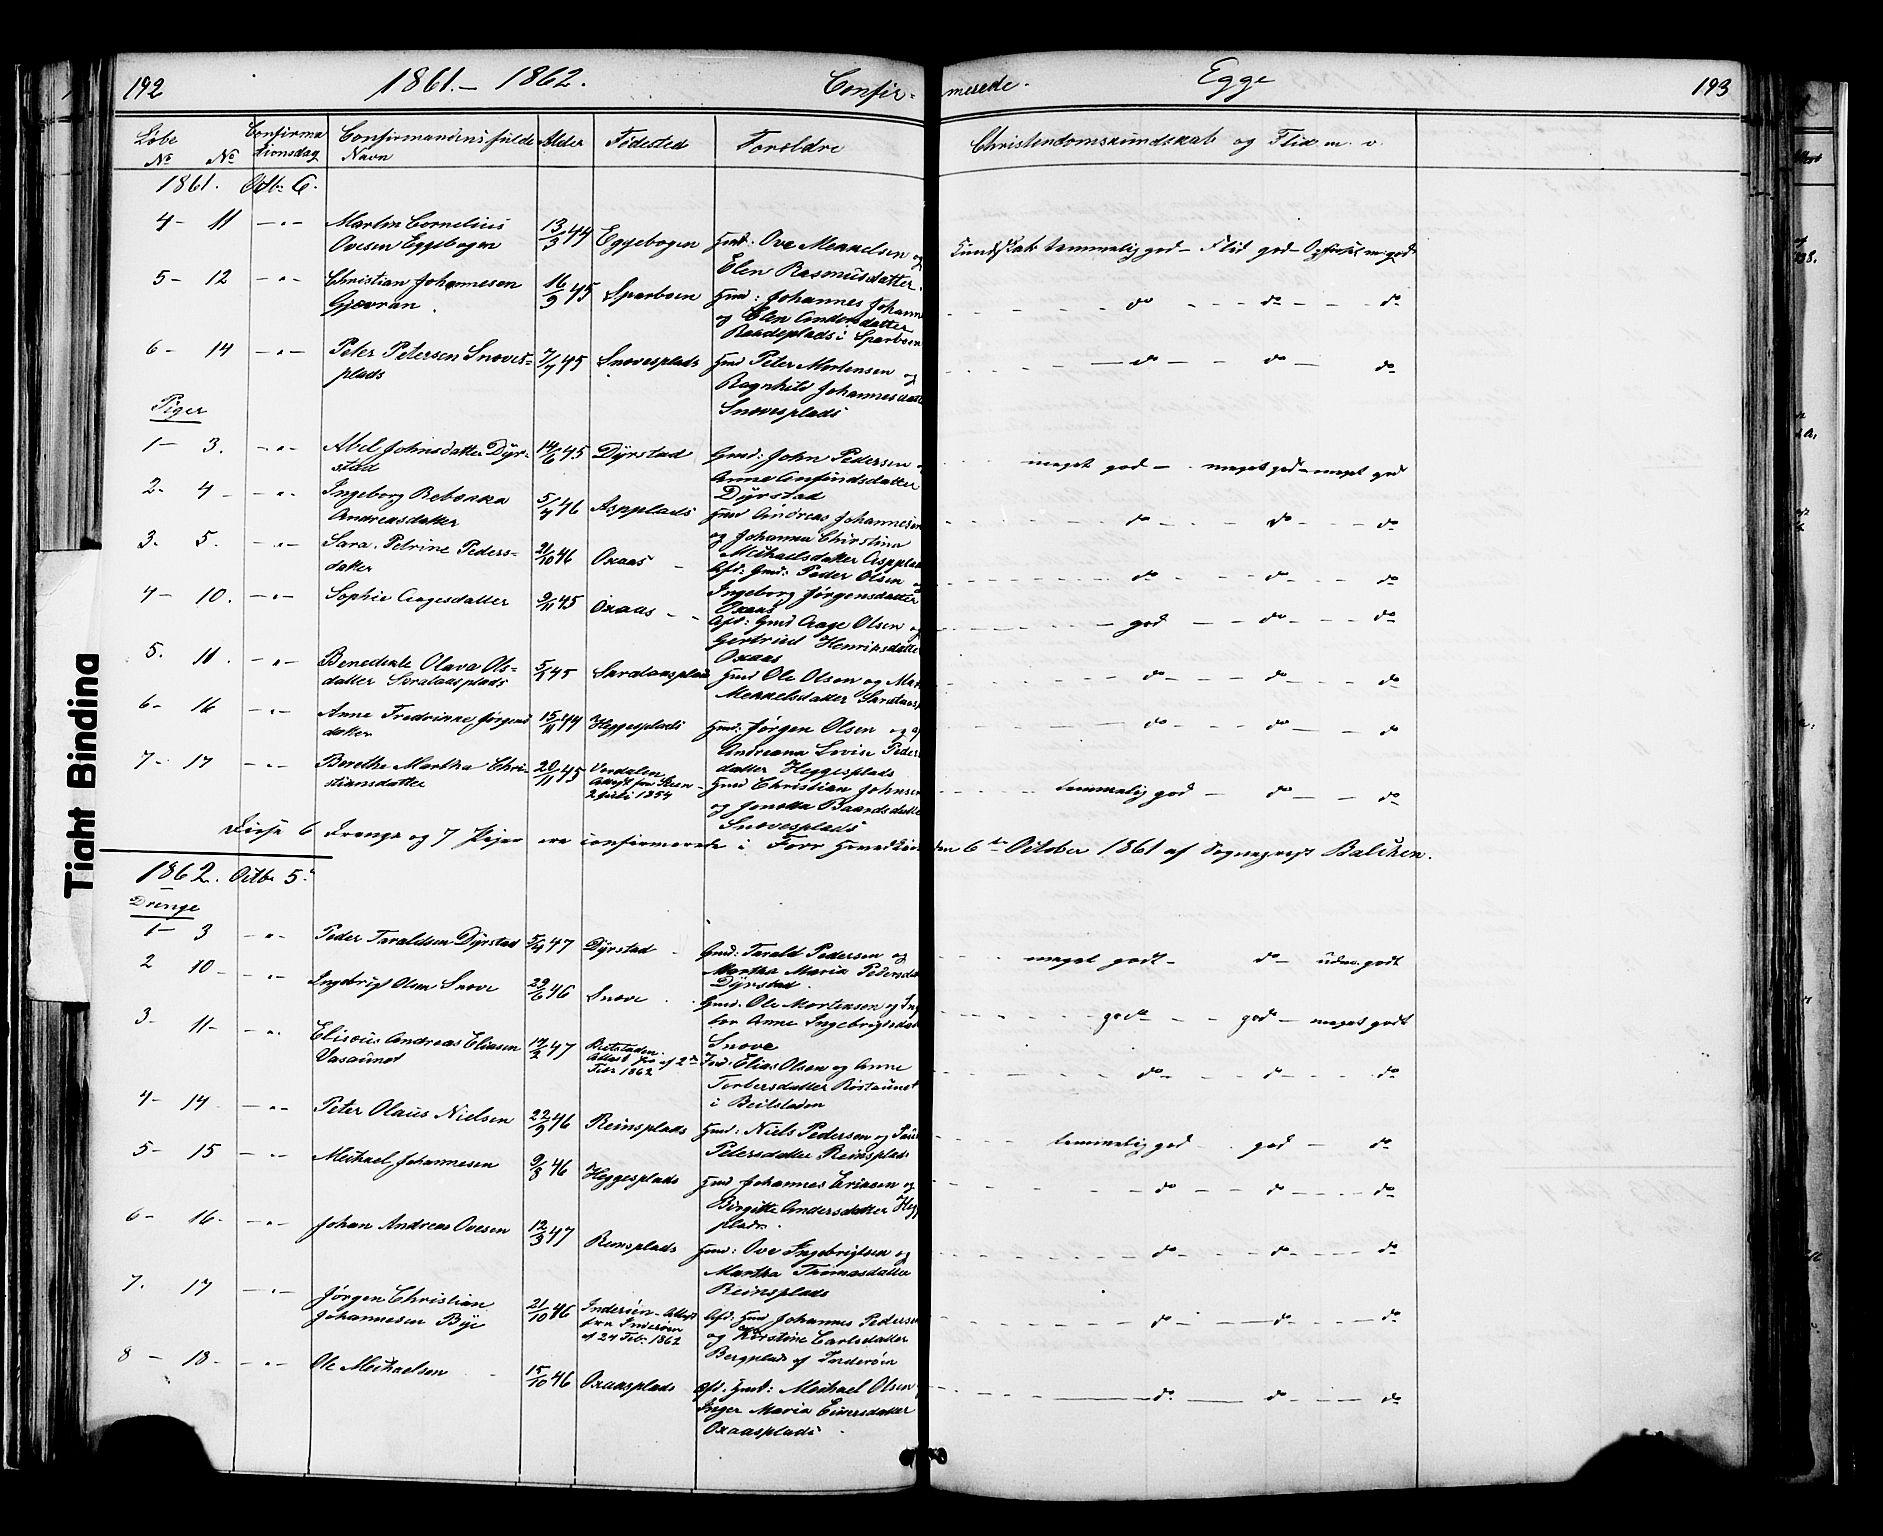 SAT, Ministerialprotokoller, klokkerbøker og fødselsregistre - Nord-Trøndelag, 739/L0367: Ministerialbok nr. 739A01 /3, 1838-1868, s. 192-193